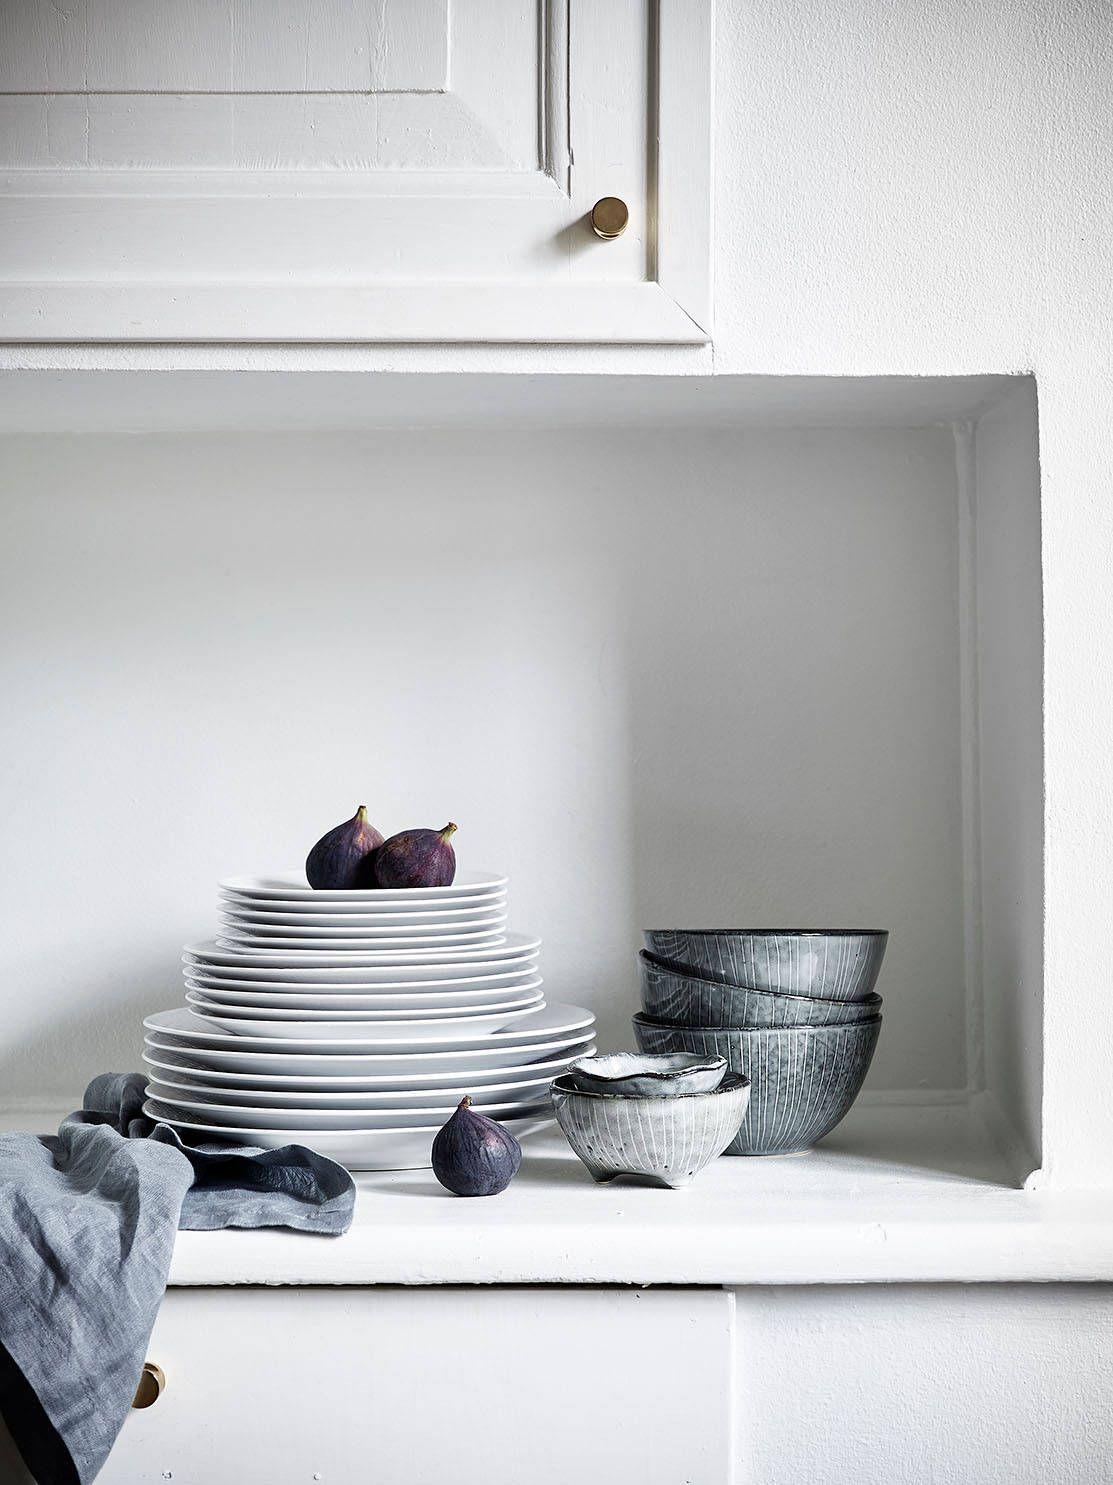 Kitchen in grey - via Coco Lapine Design Kitchen, ideas, diy, house ...